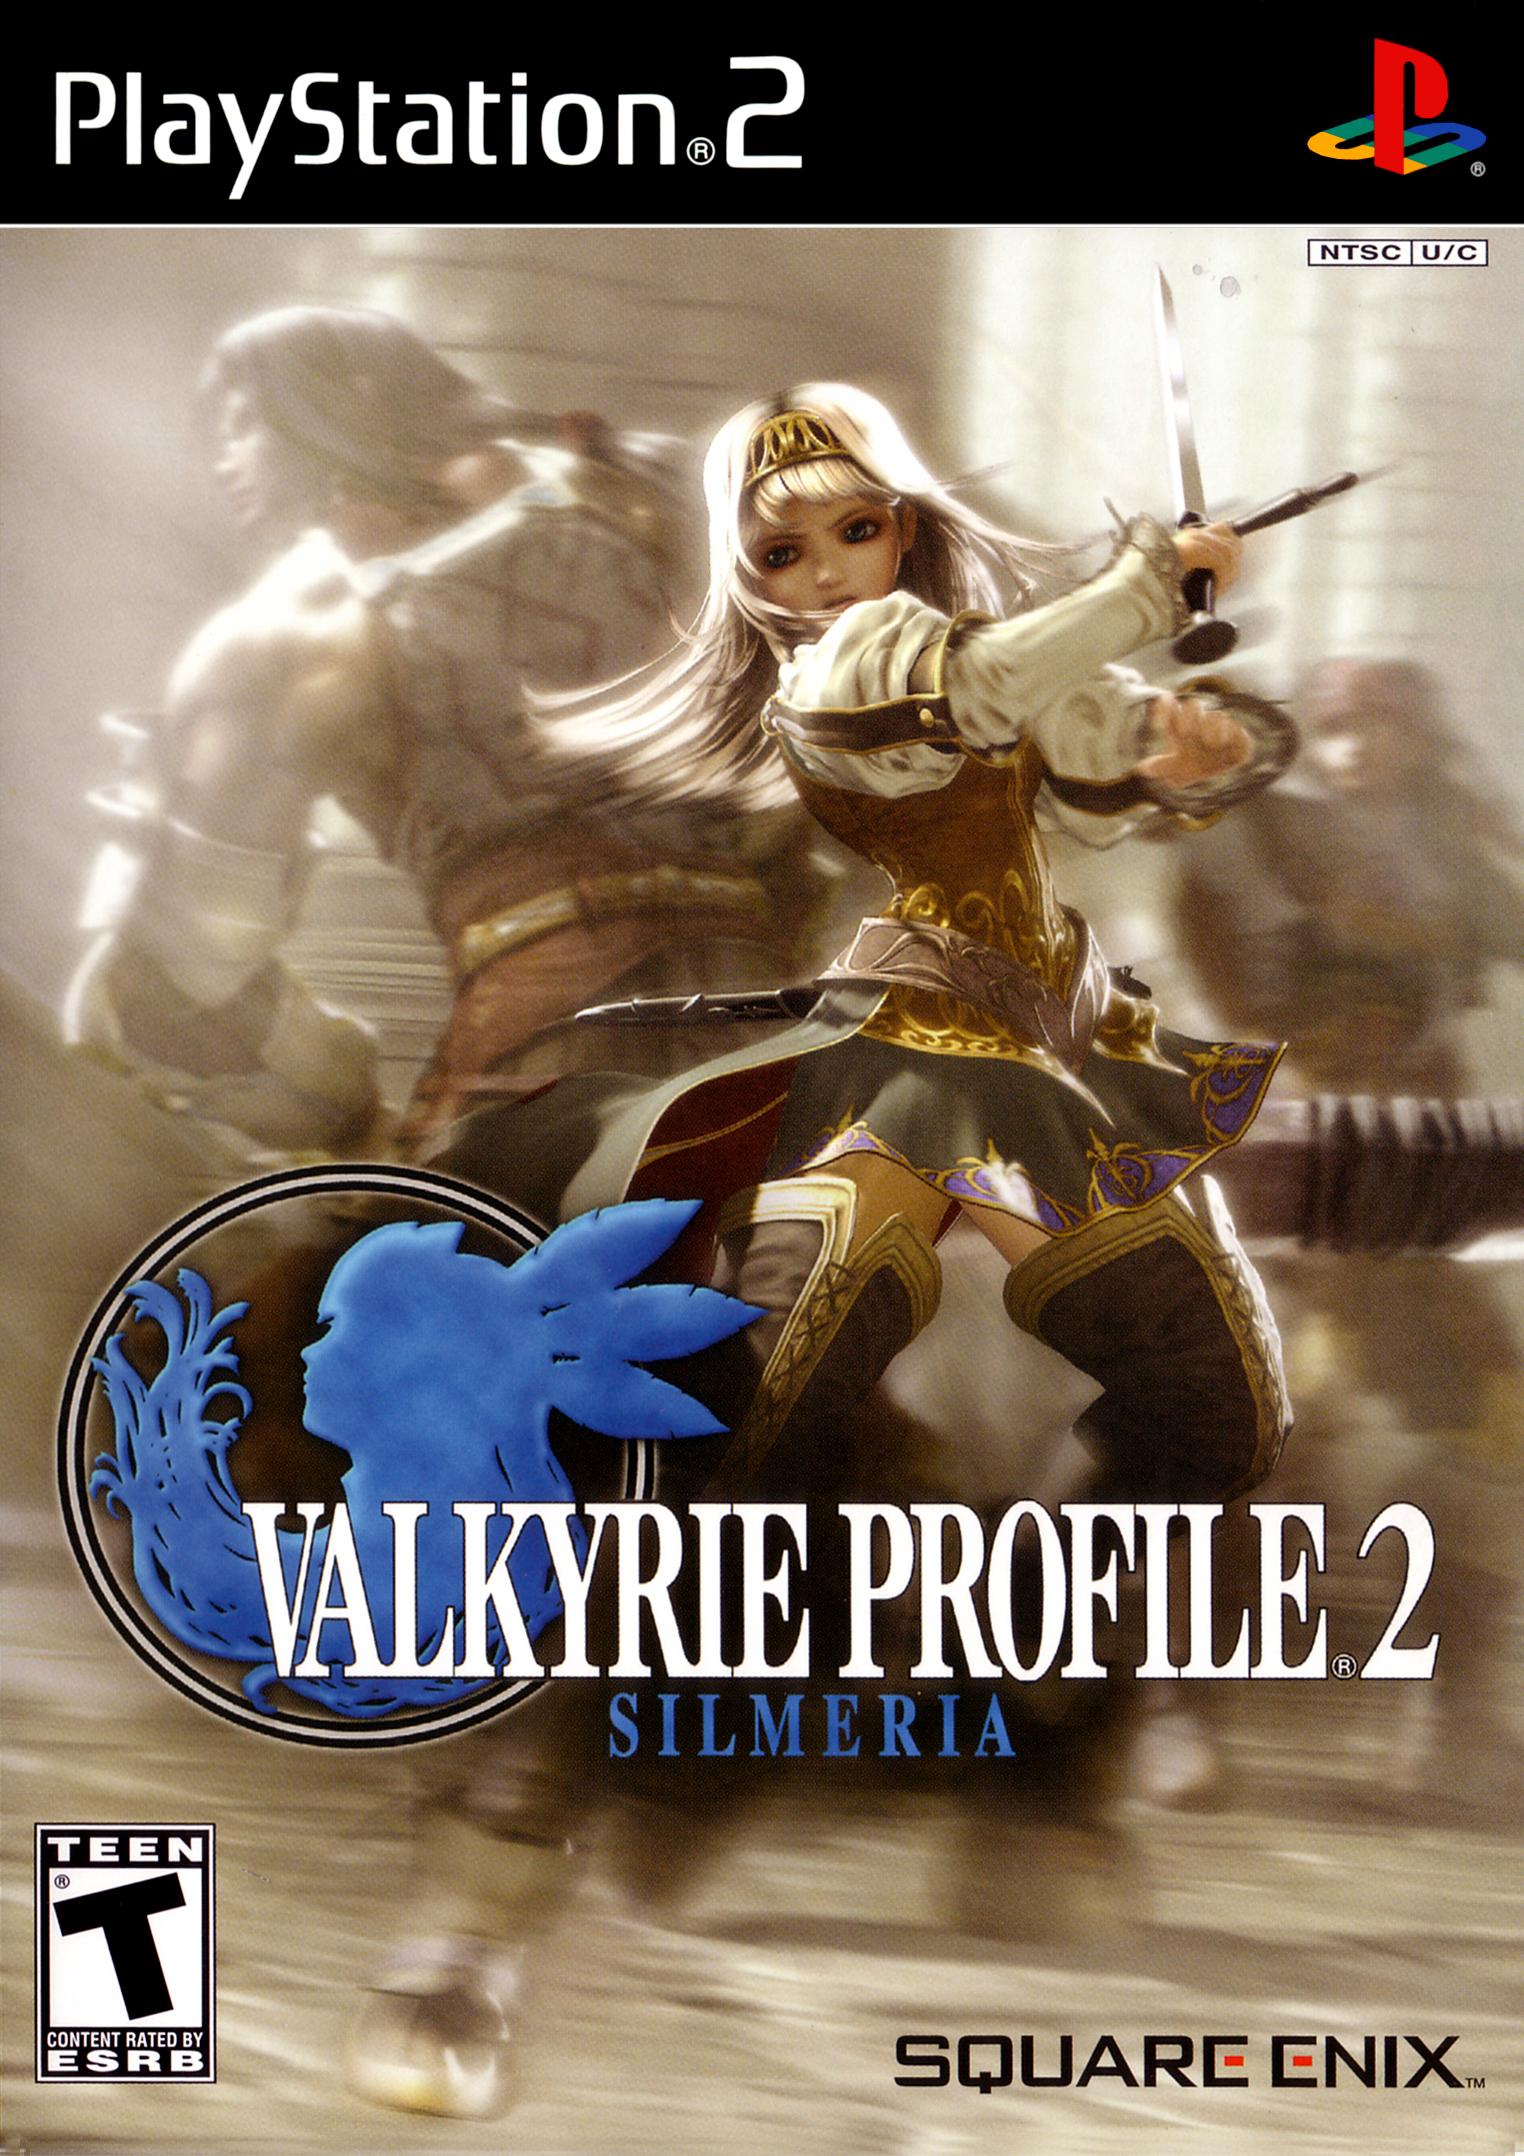 Valkyrie Profile 2 Silmeria/PS2